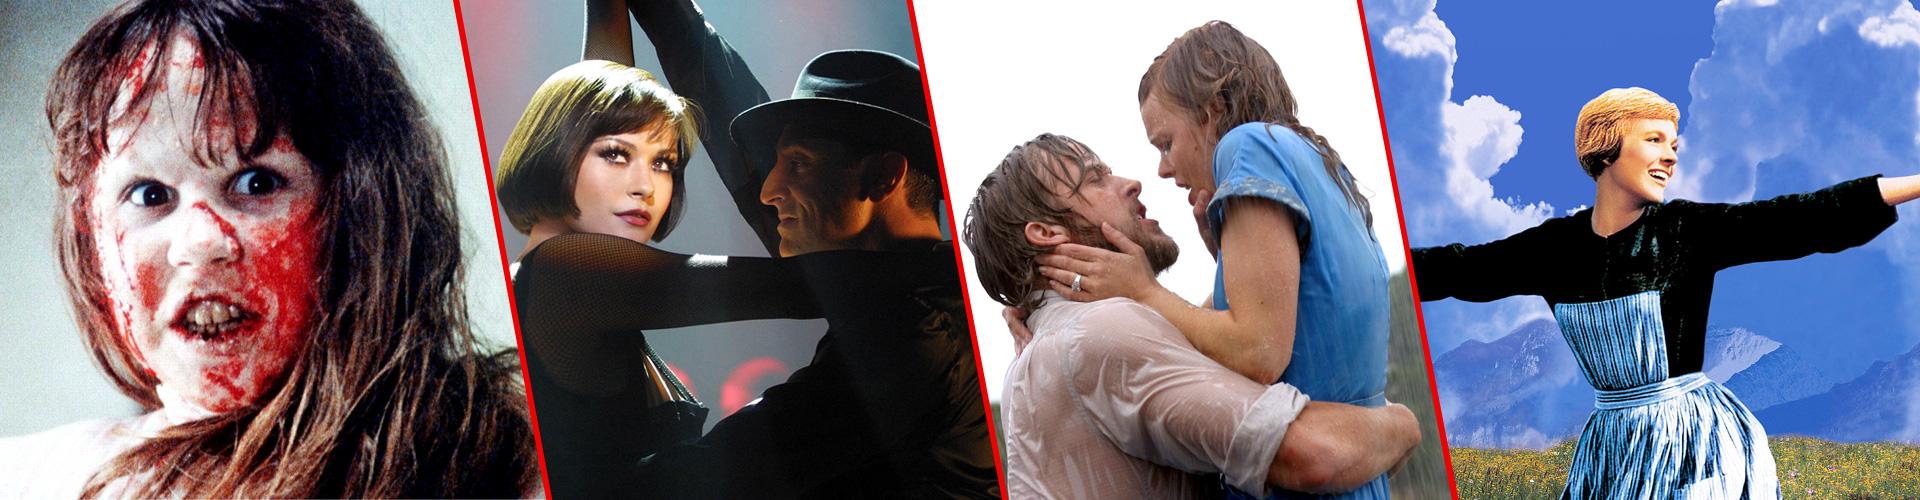 true-movies-header.jpg